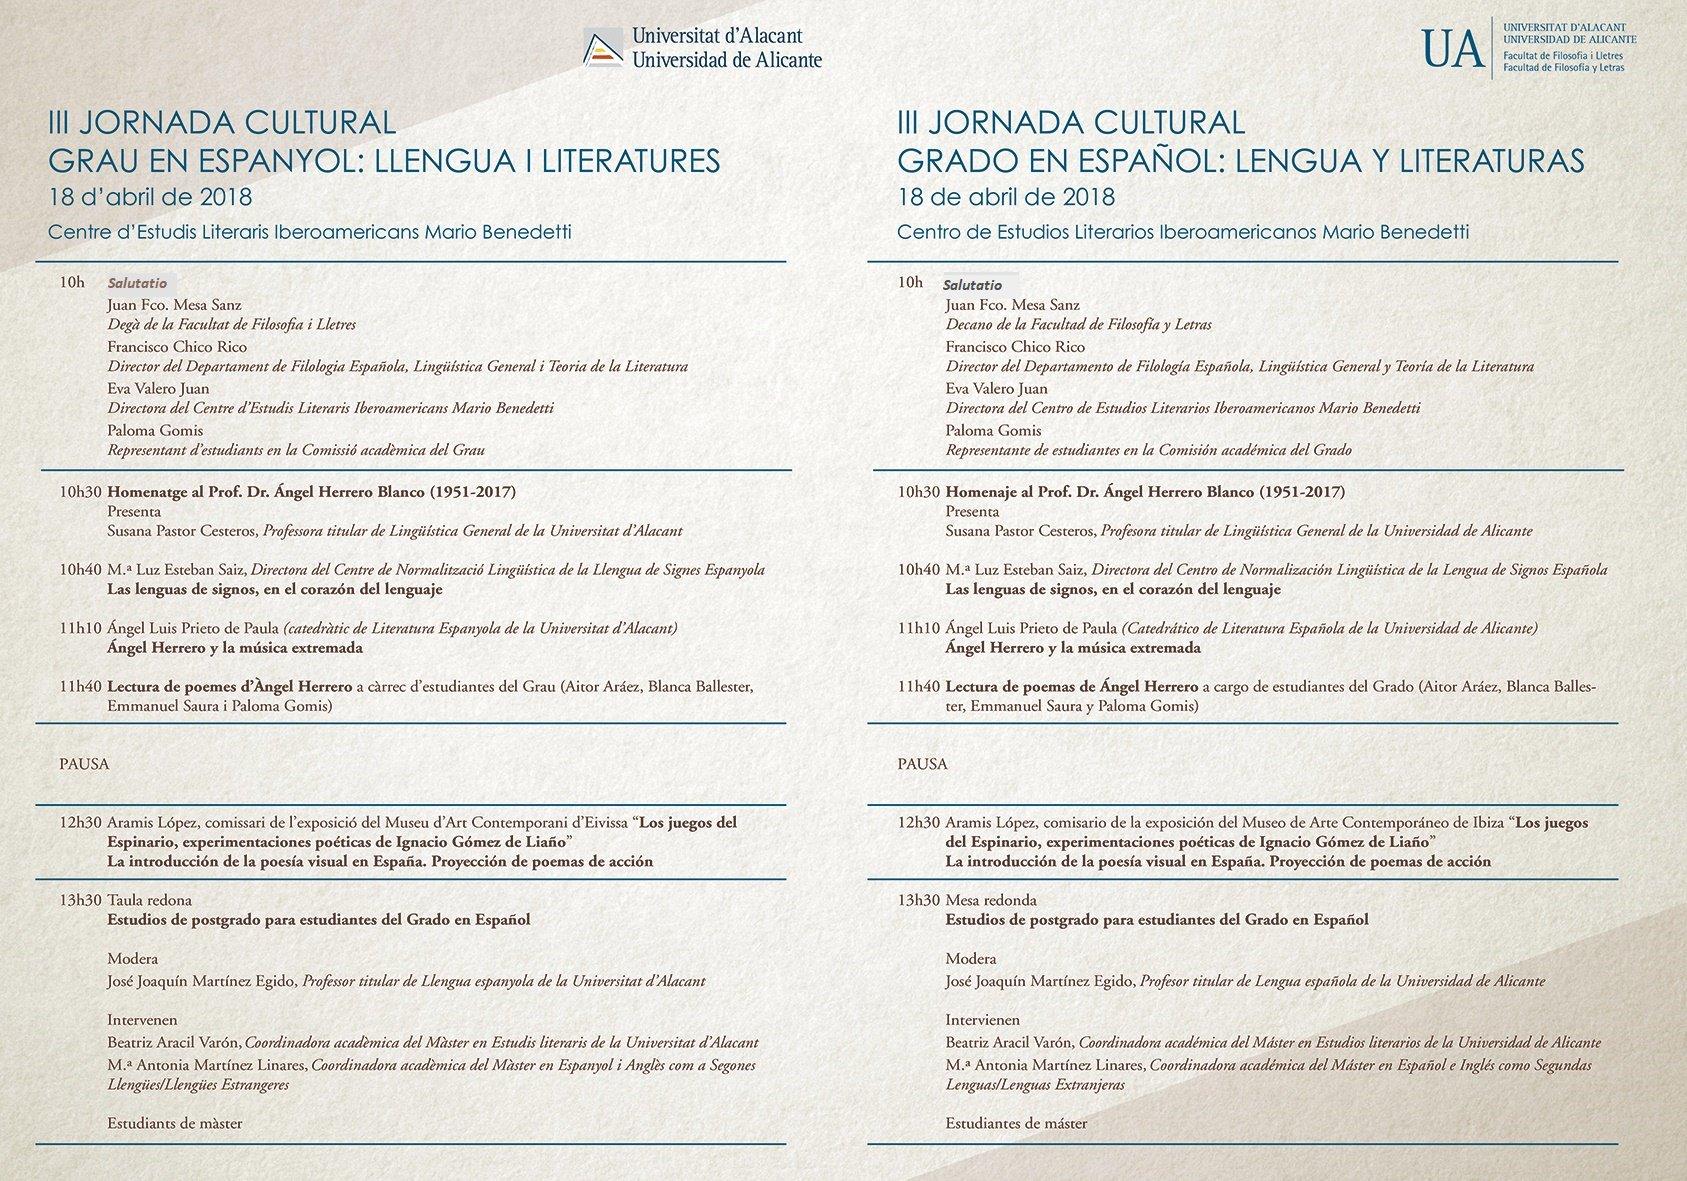 Homenaje al Dr. Angel Herrero Blanco en la Univ. Alicante - III Jornada cultural del grado en español. - 18 abr'18 Da44GUmX0AAeXnH